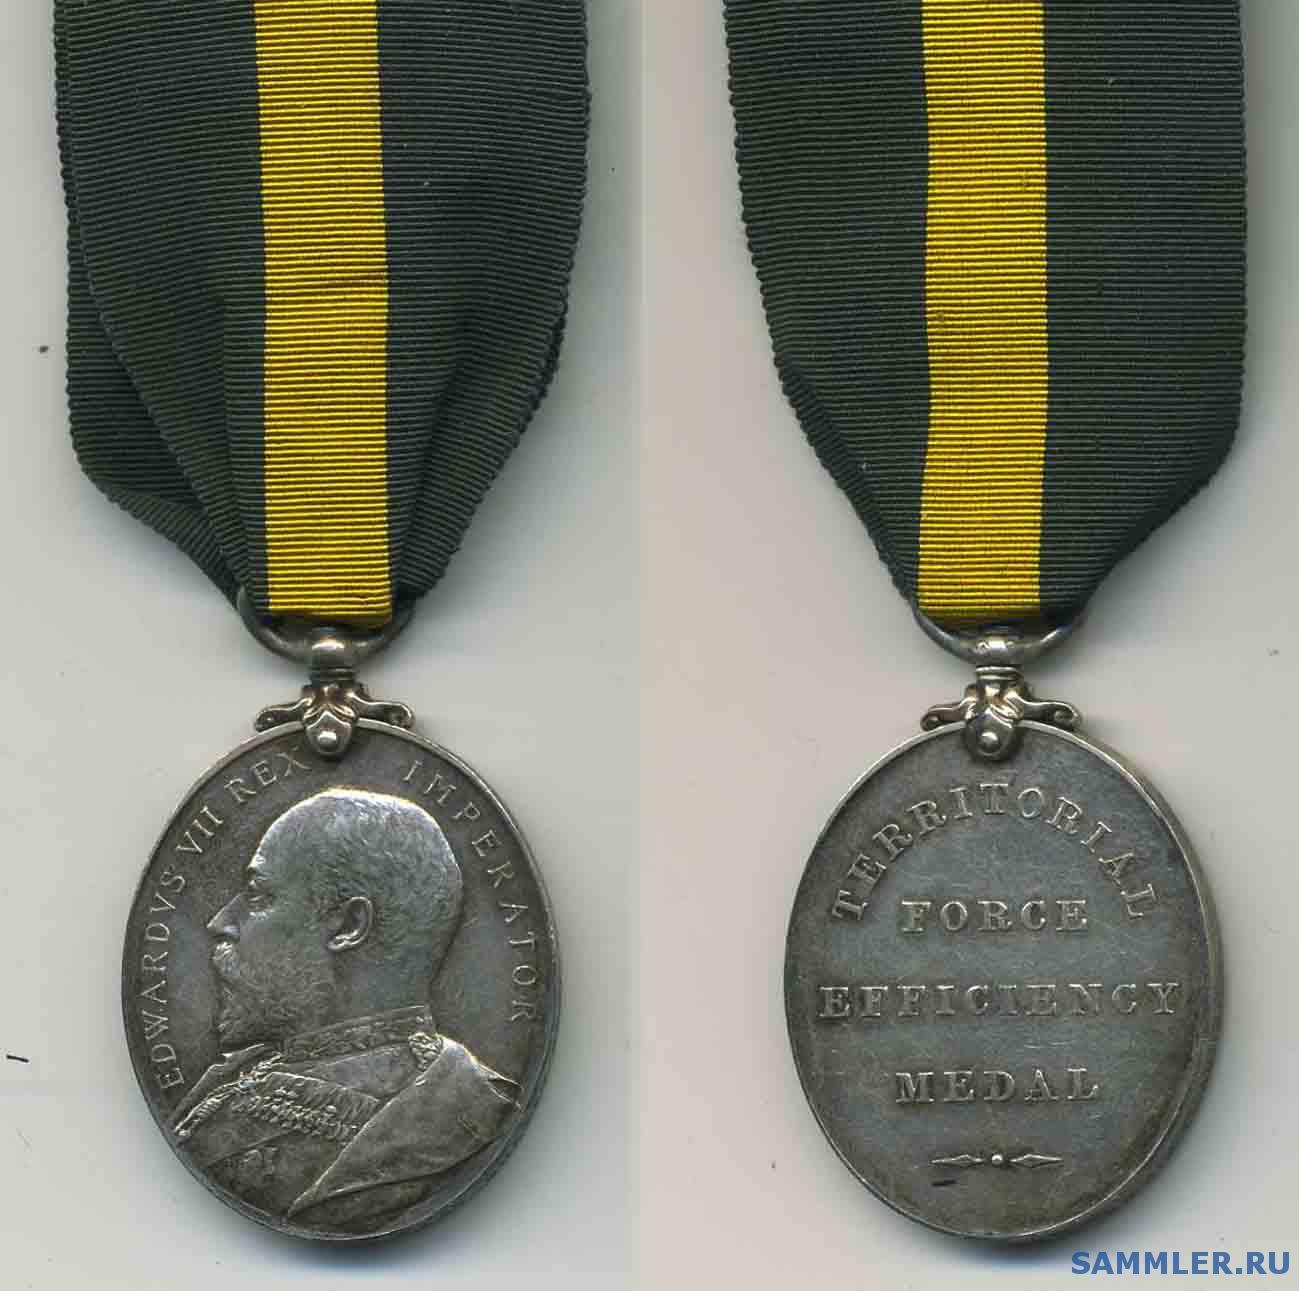 Territorial_Force_Efficiency_Medal_E_VII_.jpg